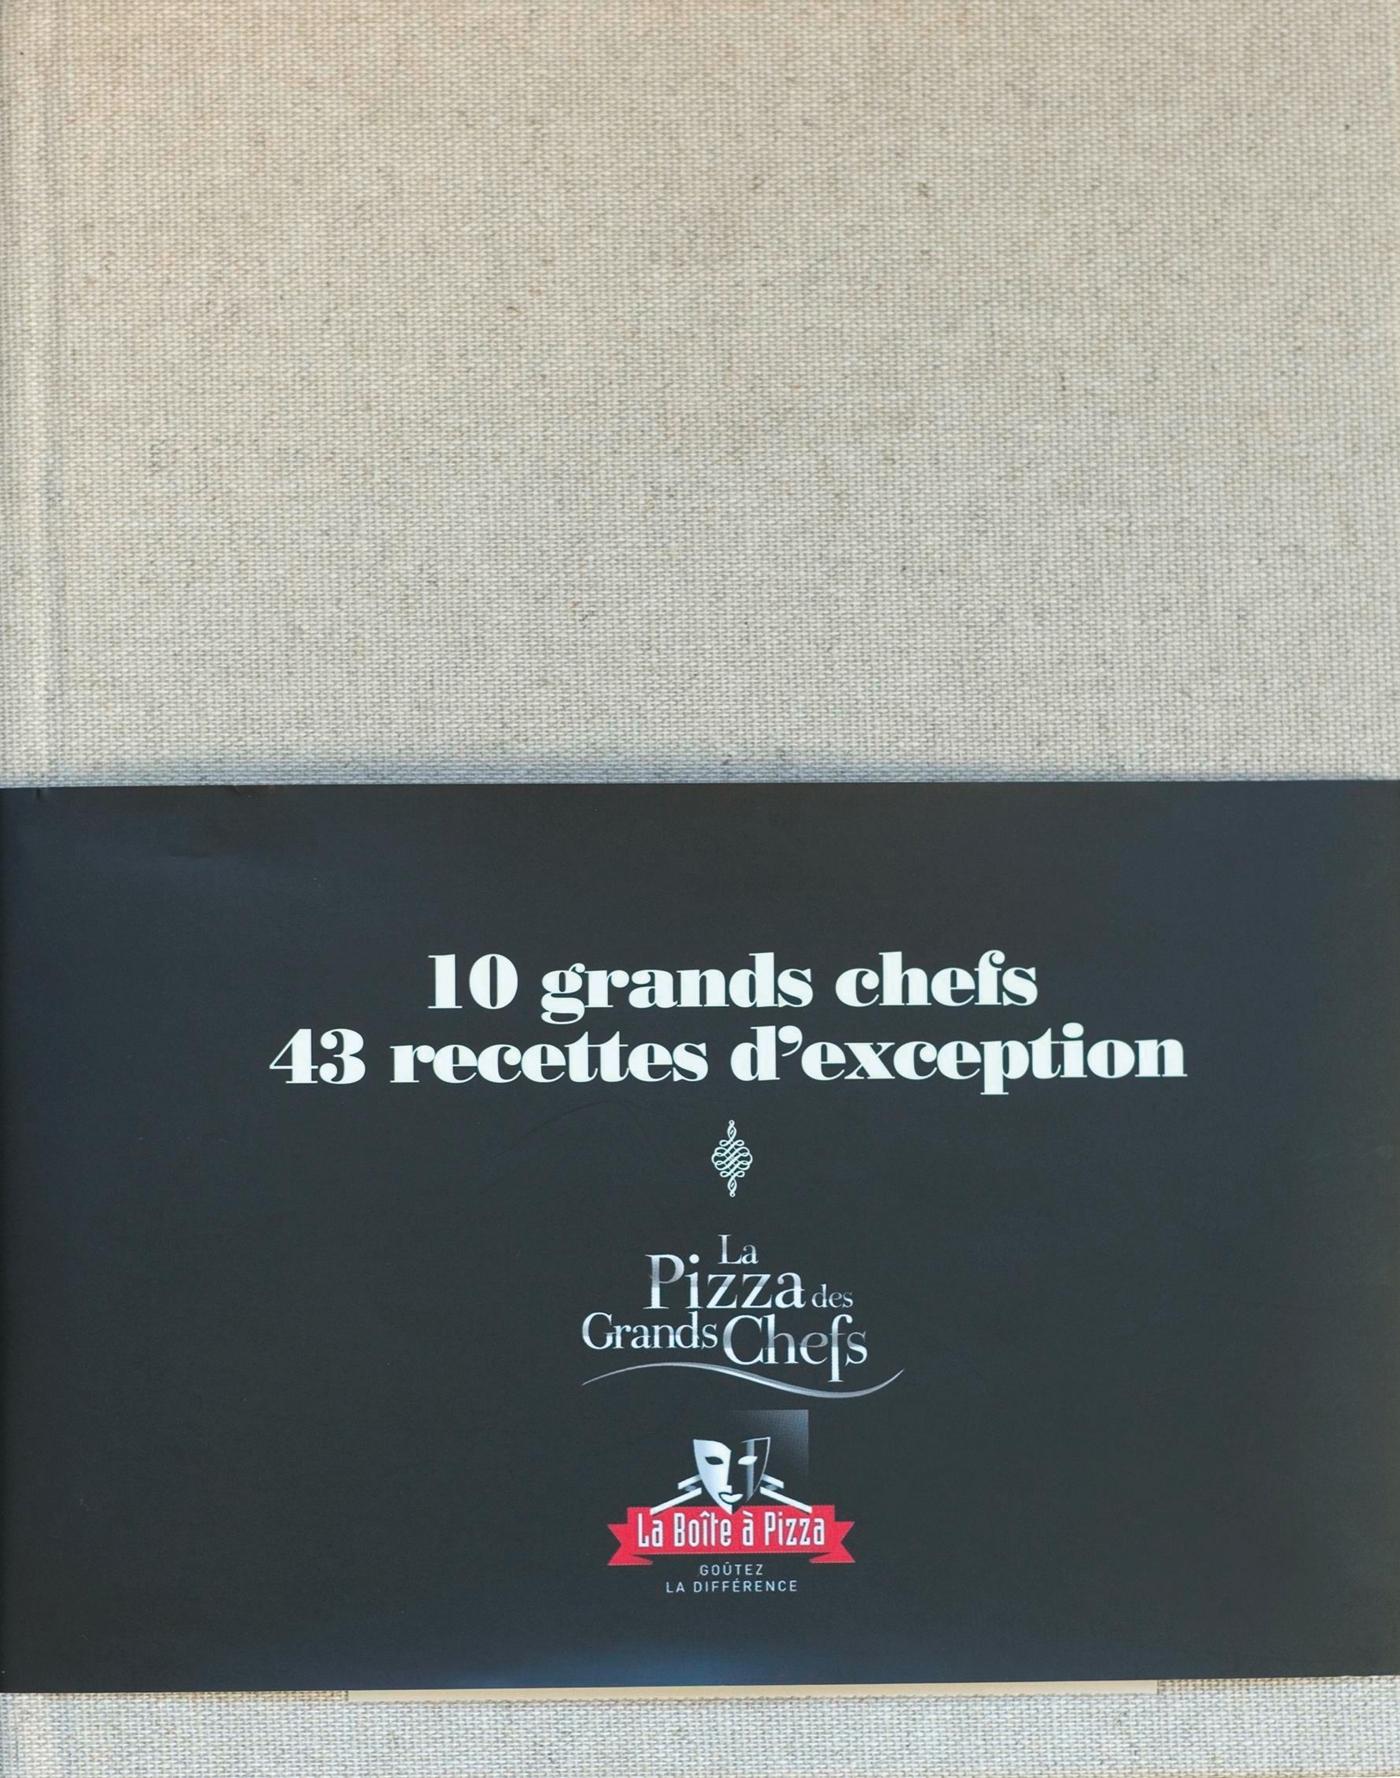 PIZZAS DES GRANDS CHEFS